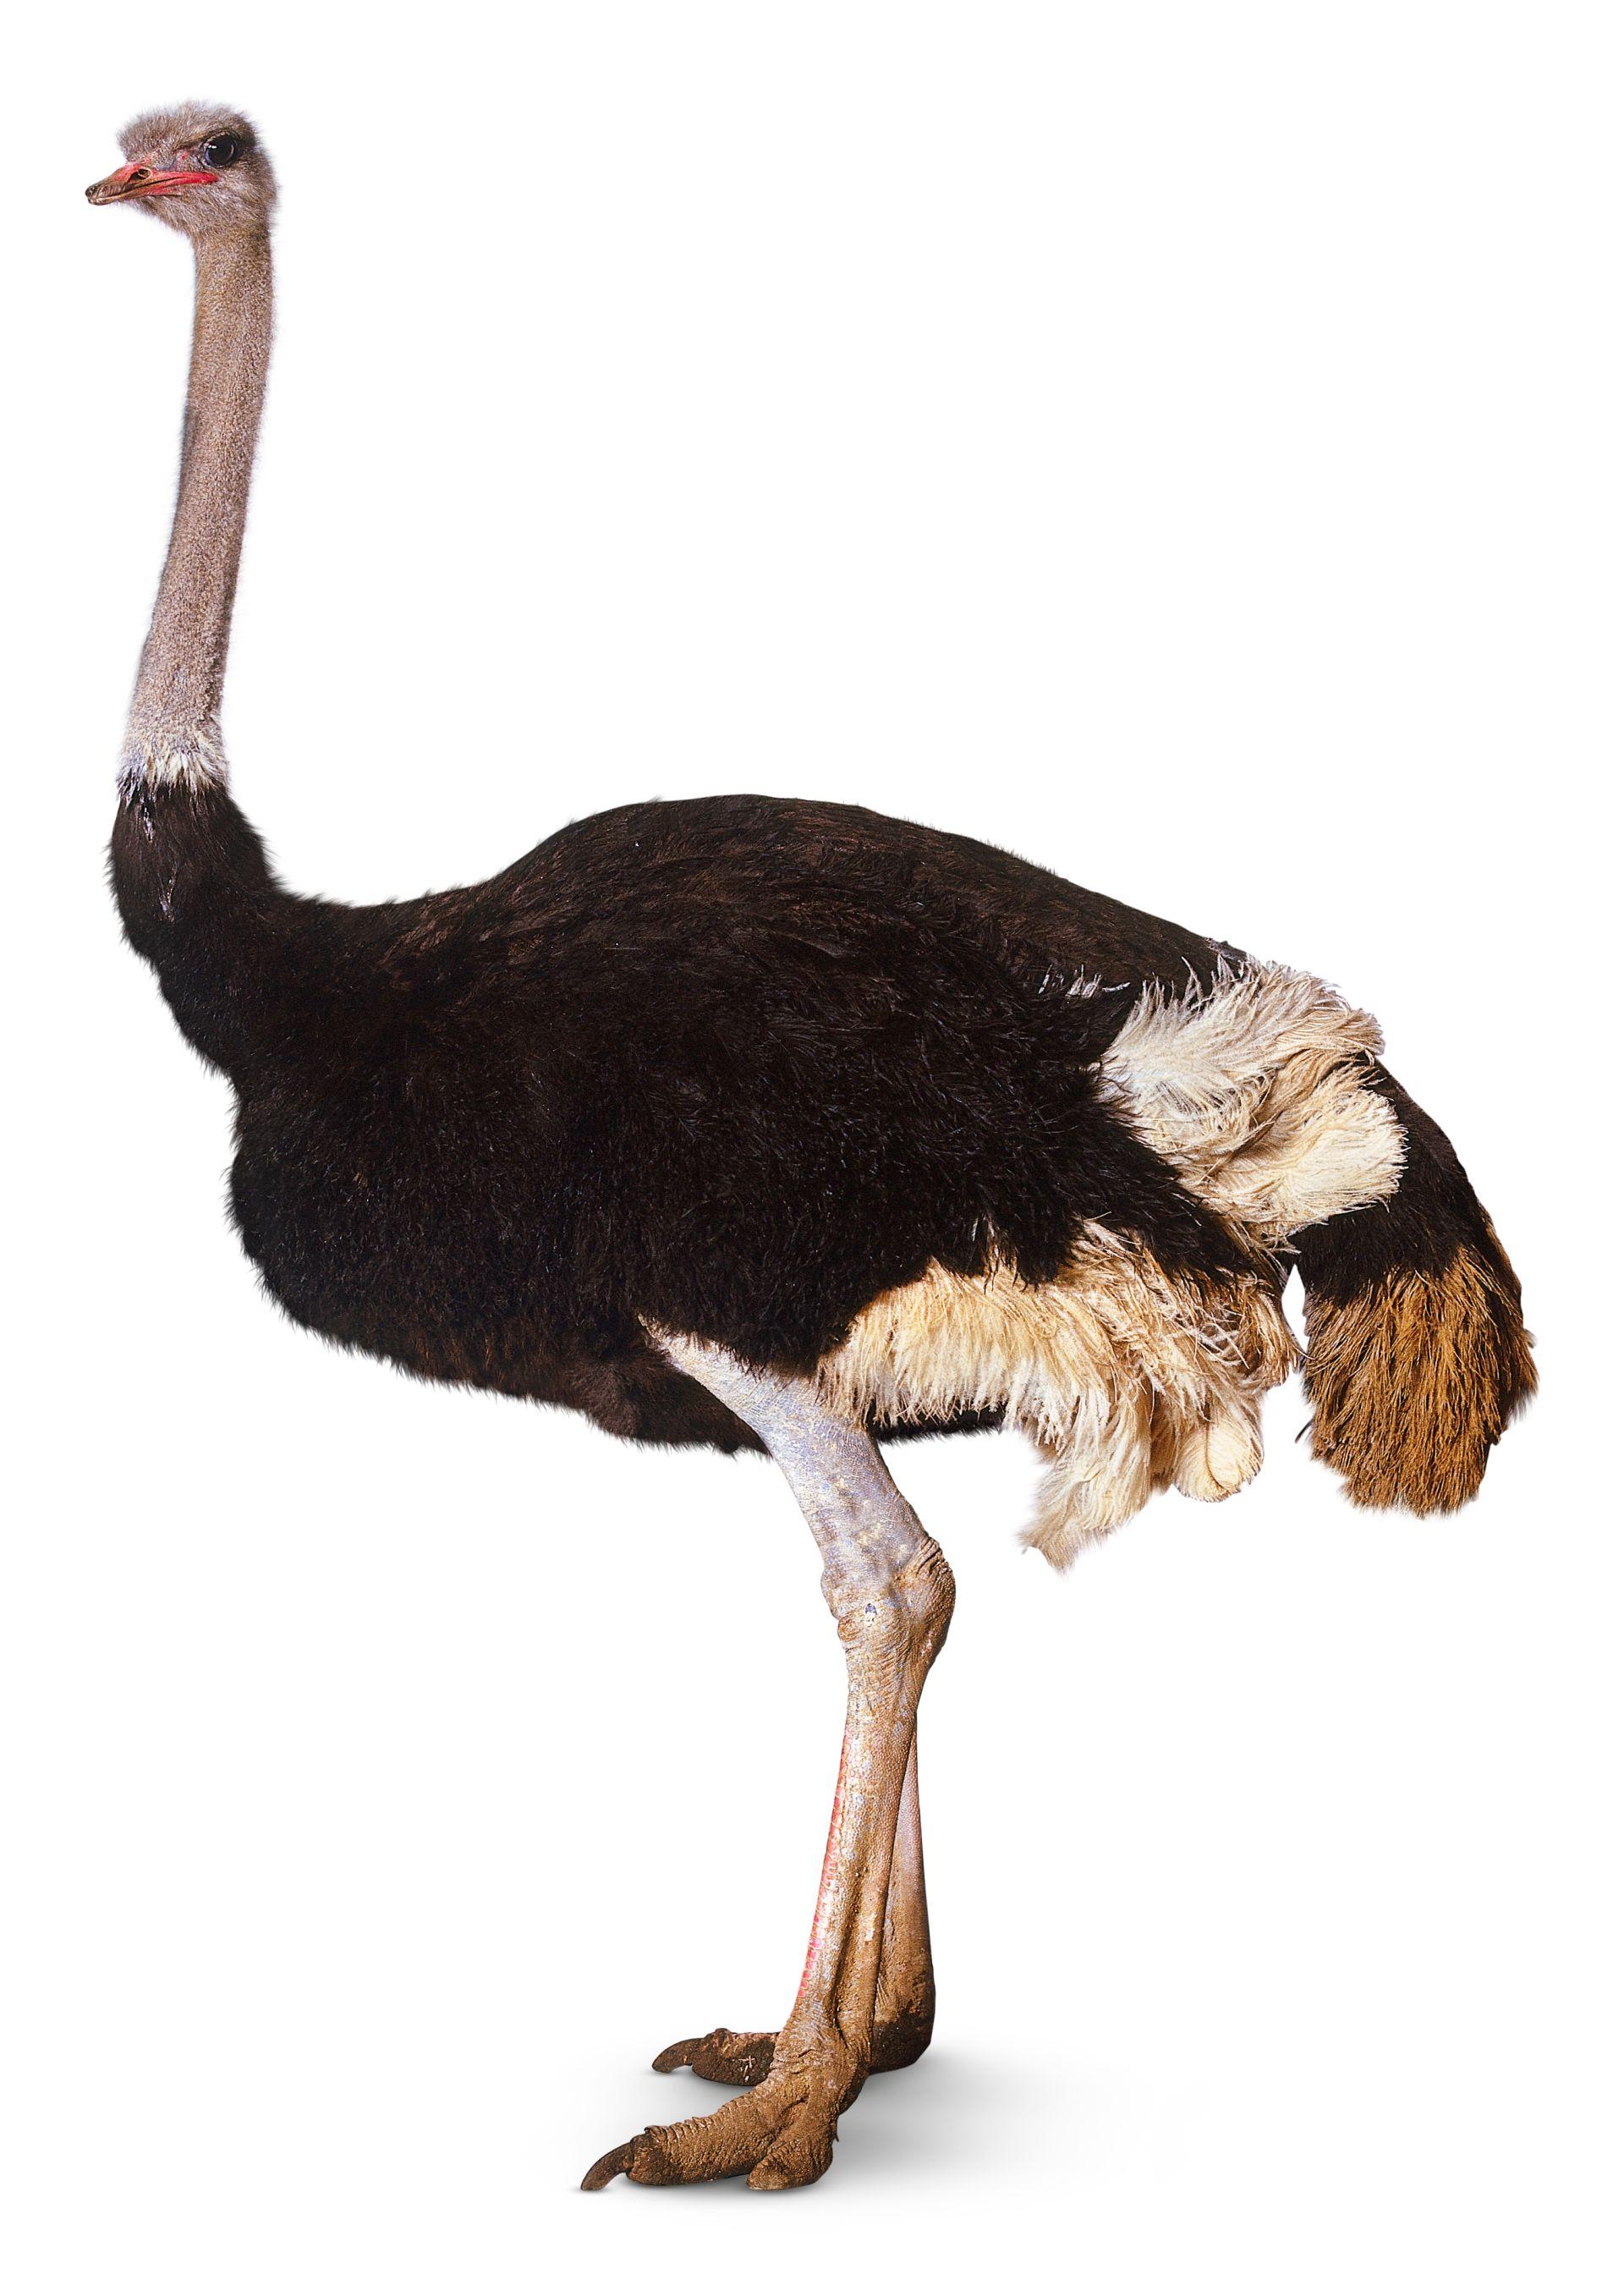 birds desert ostrich hd - photo #34